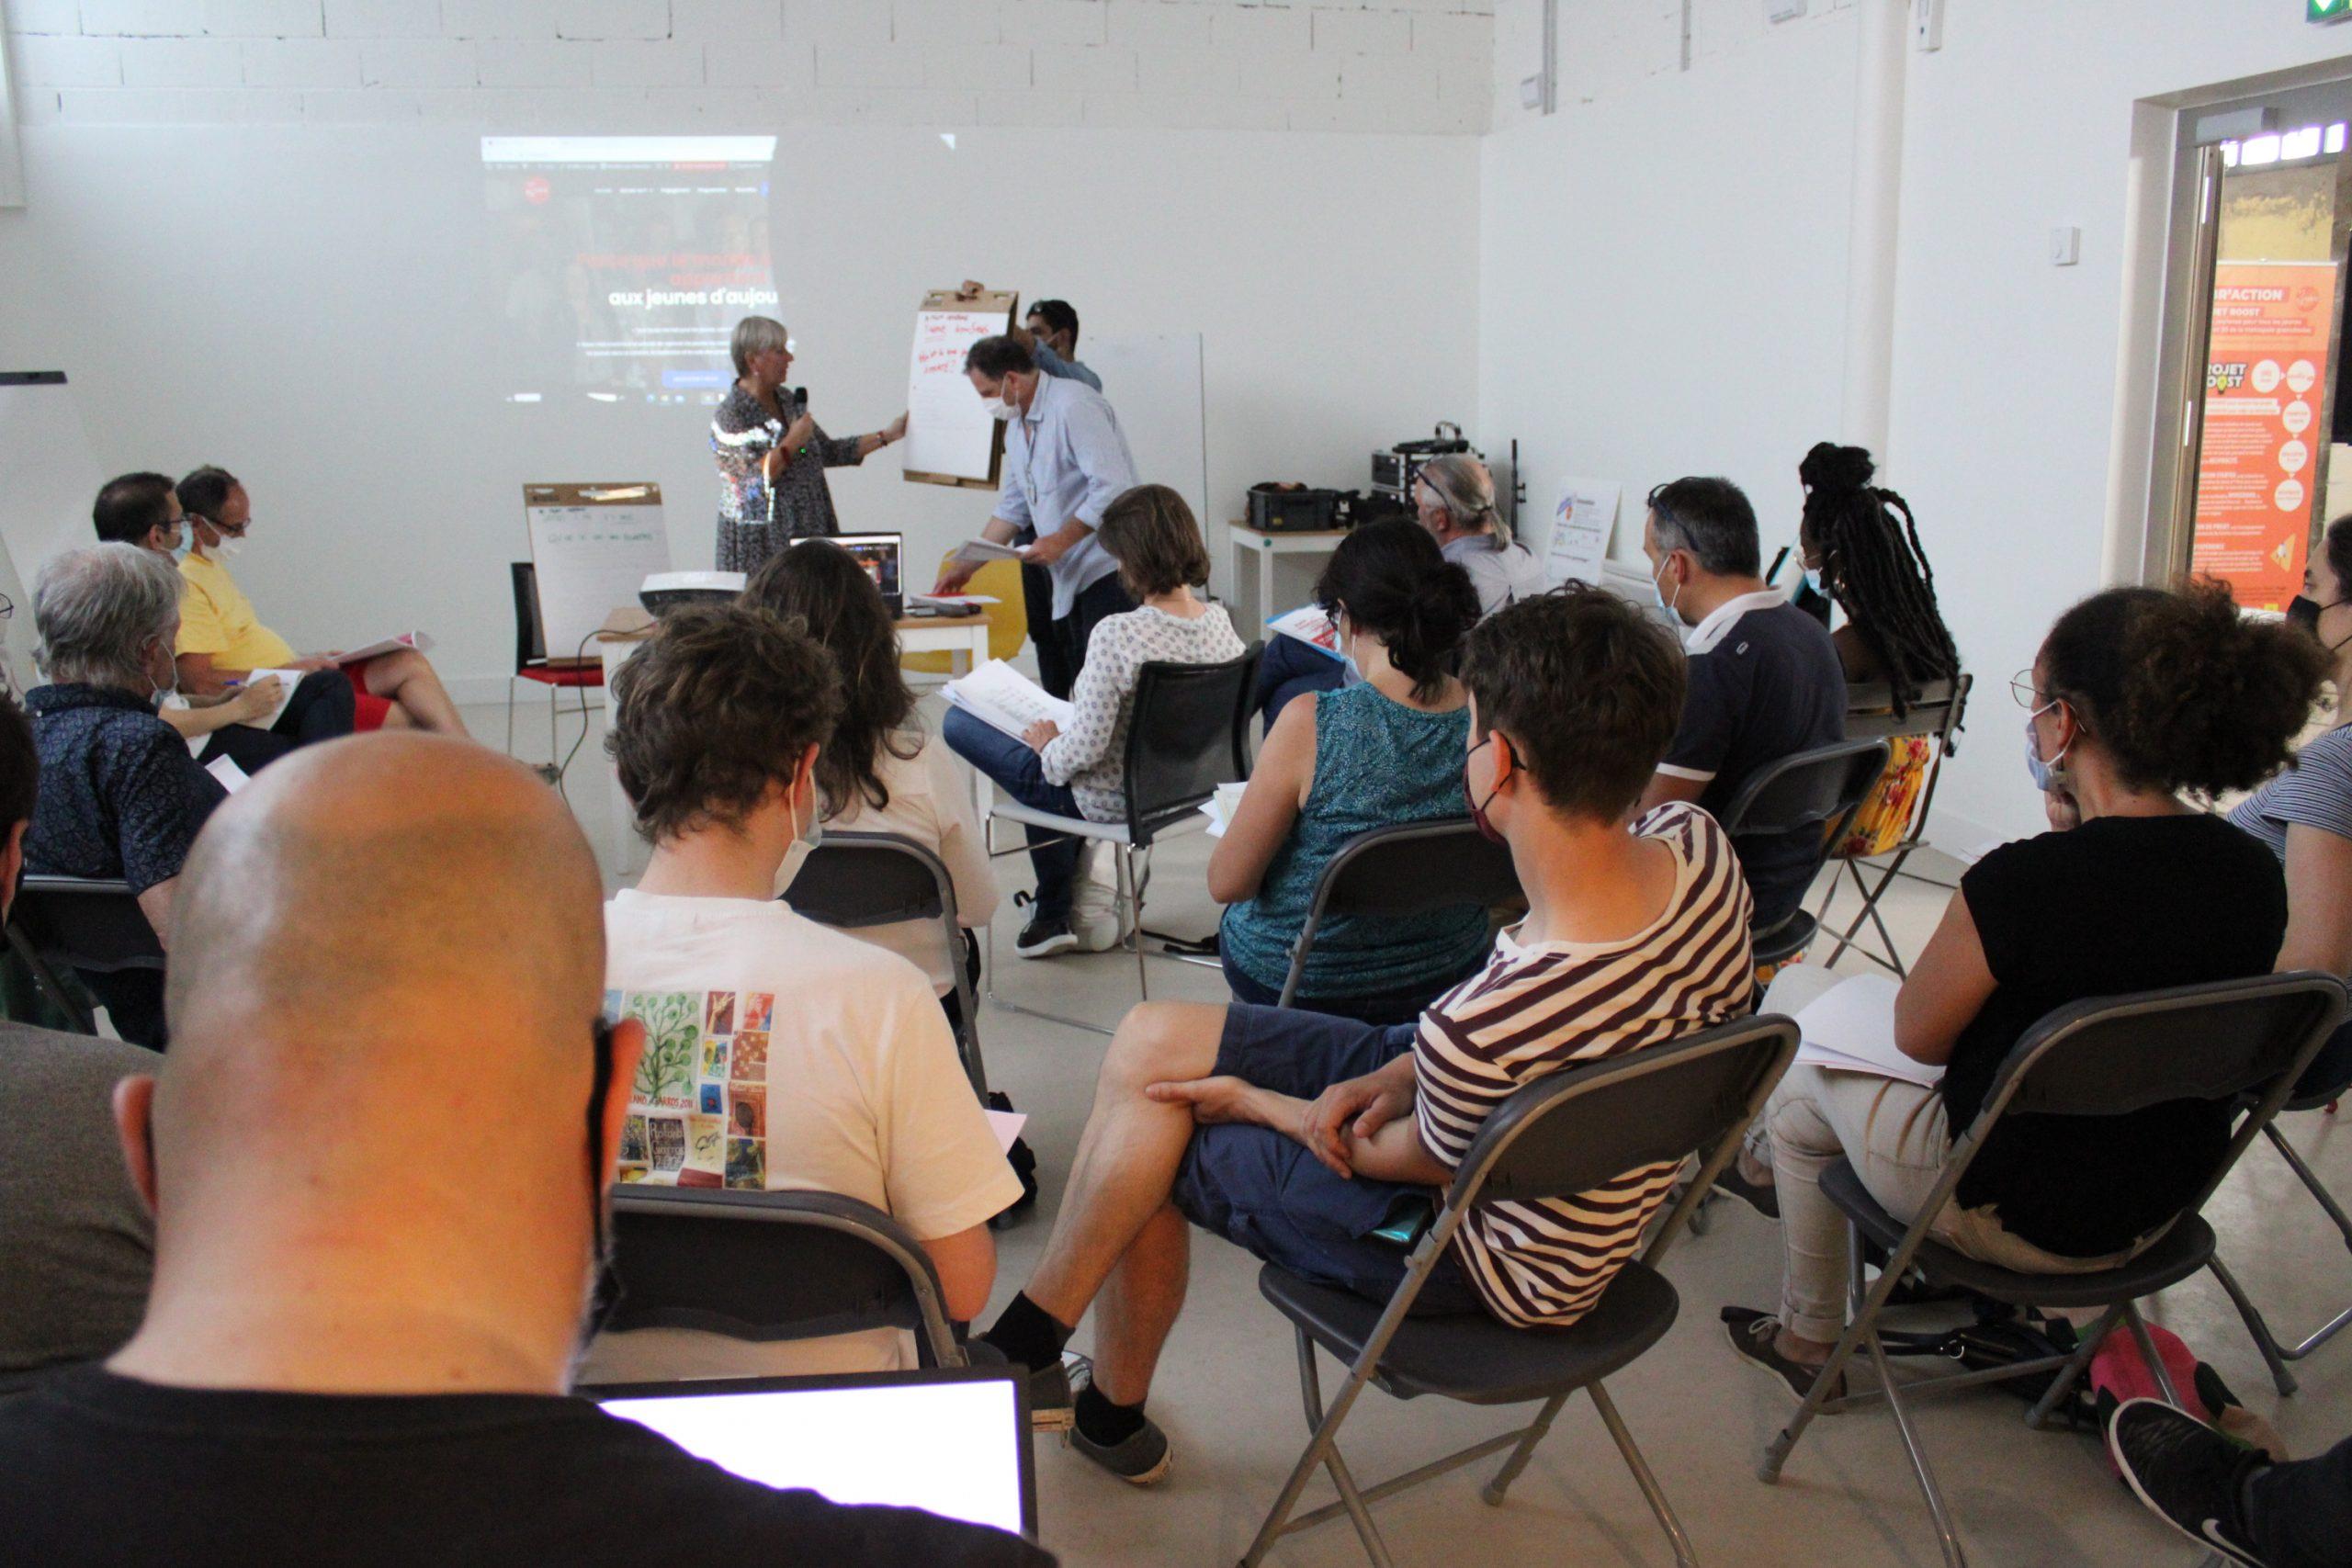 Adhérents de l'association Y-Nove assit pendant que le rapport de l'année est en train d'être exposé.